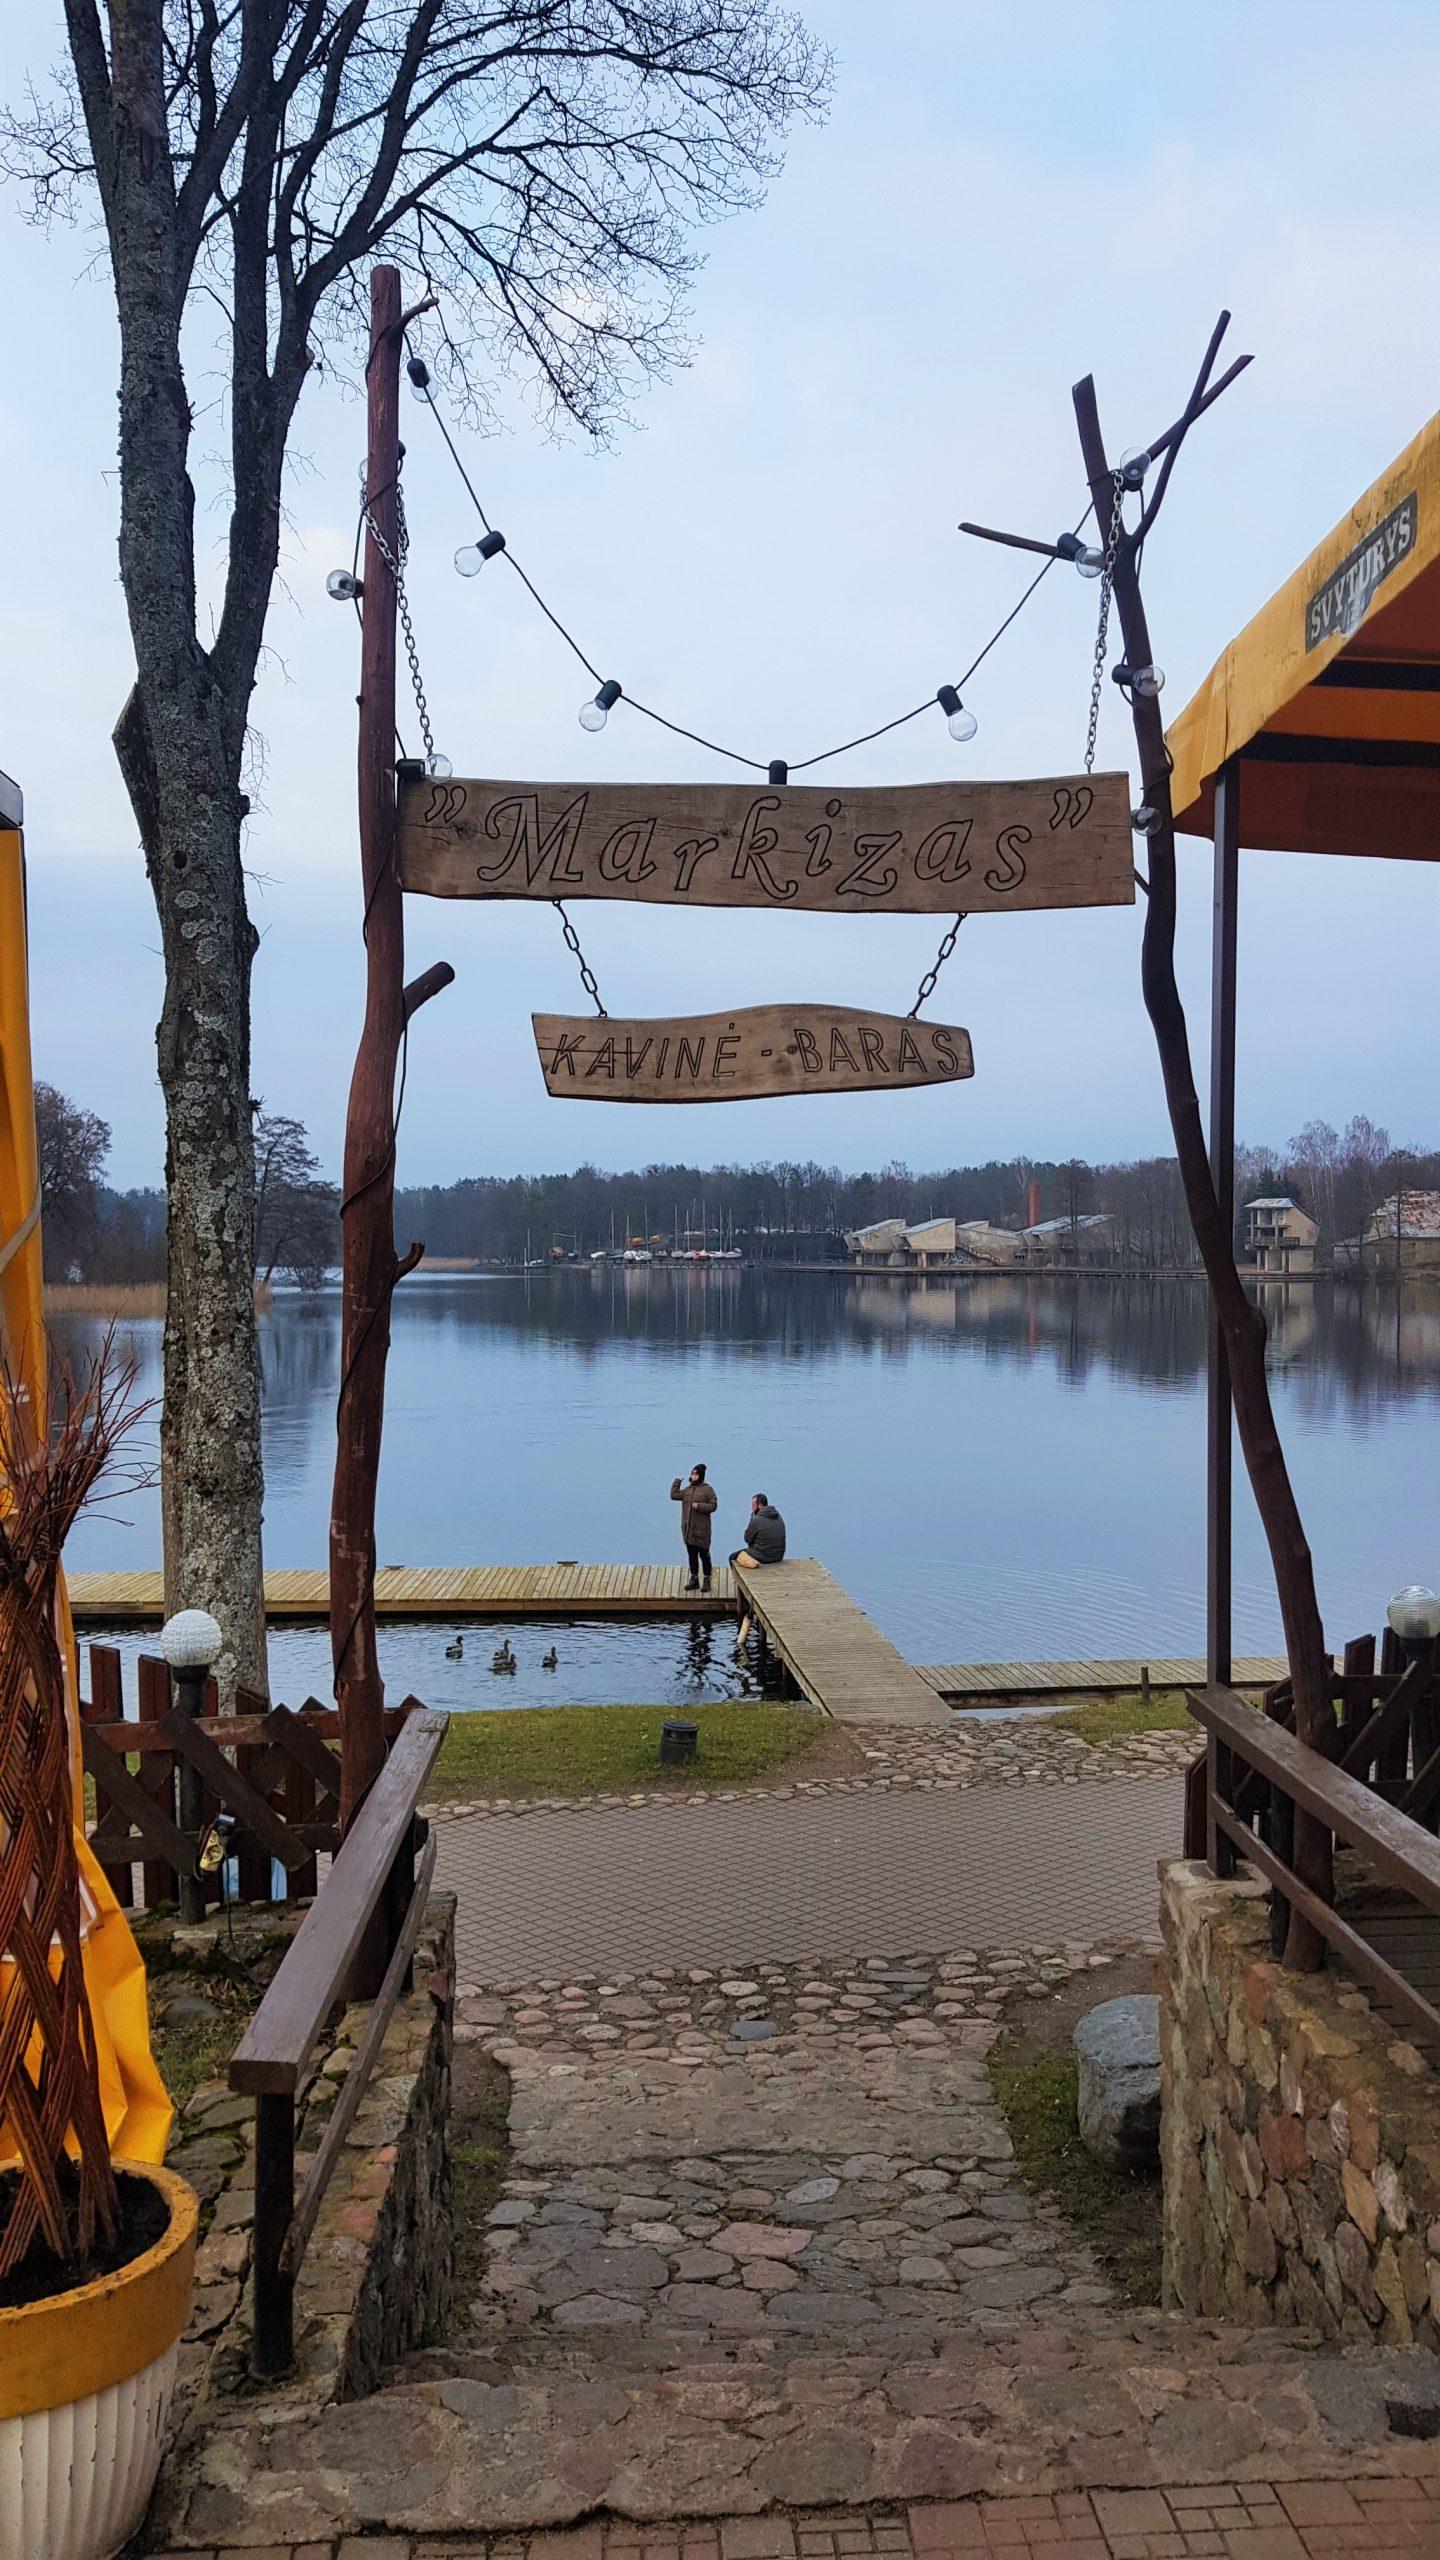 Restaurante Markizas situado a la orilla del lago de Trakai